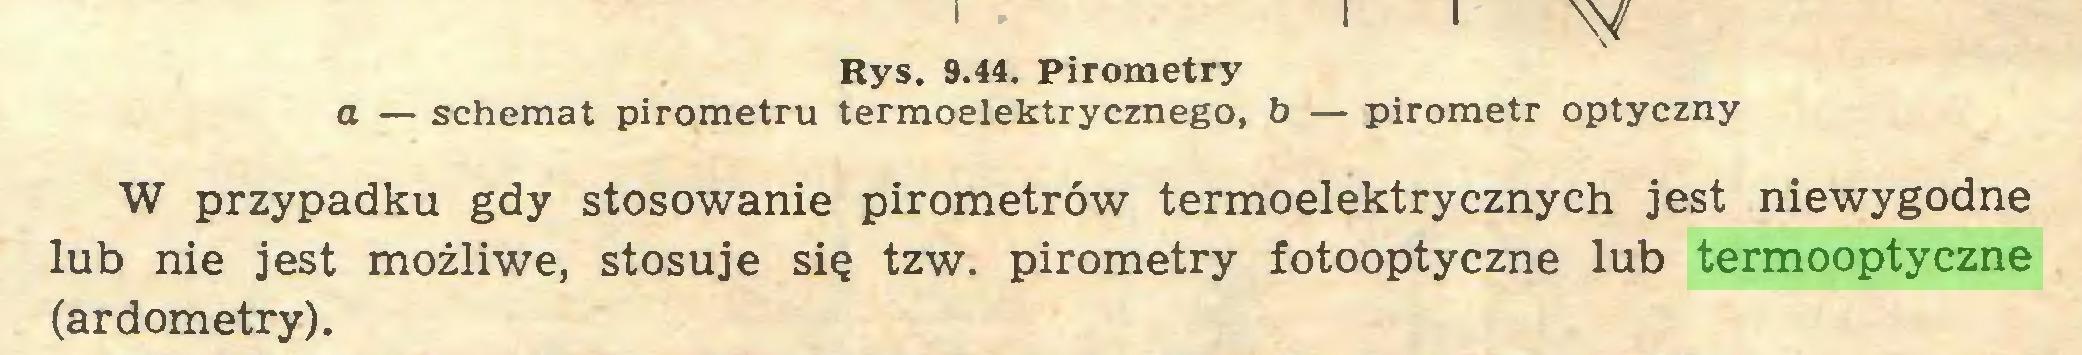 (...) Rys. 9.44. Pirometry a — schemat pirometru termoelektrycznego, b — pirometr optyczny W przypadku gdy stosowanie pirometrów termoelektrycznych jest niewygodne lub nie jest możliwe, stosuje się tzw. pirometry fotooptyczne lub termooptyczne (ardometry)...